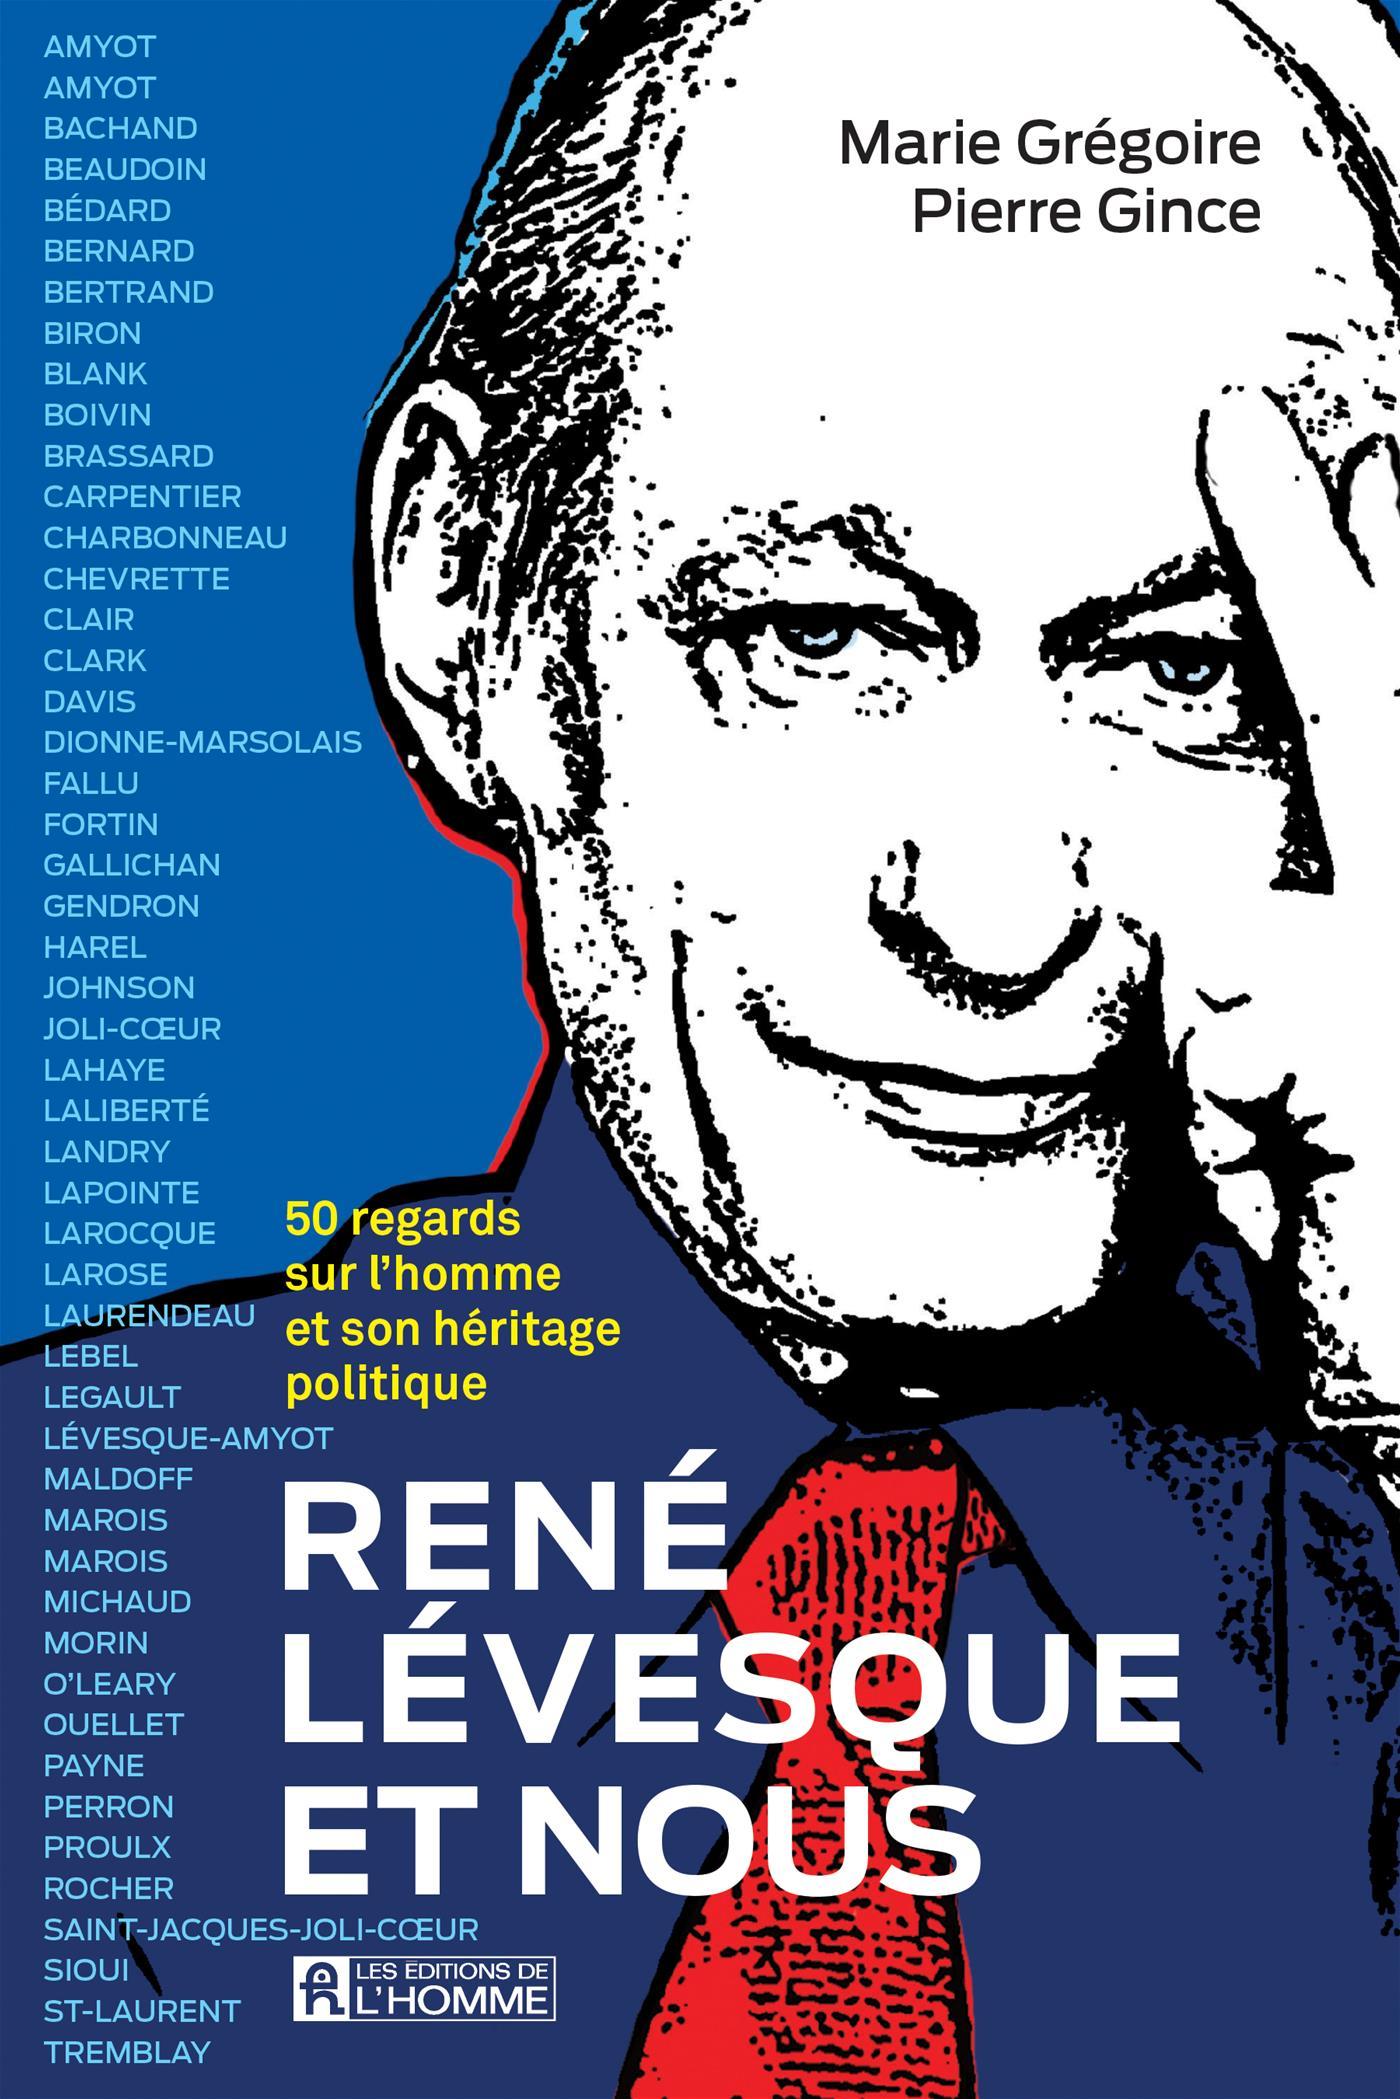 René Lévesque et nous : 50 regards sur l'homme et son héritage politique, de Marie Grégoire et Pierre Gince